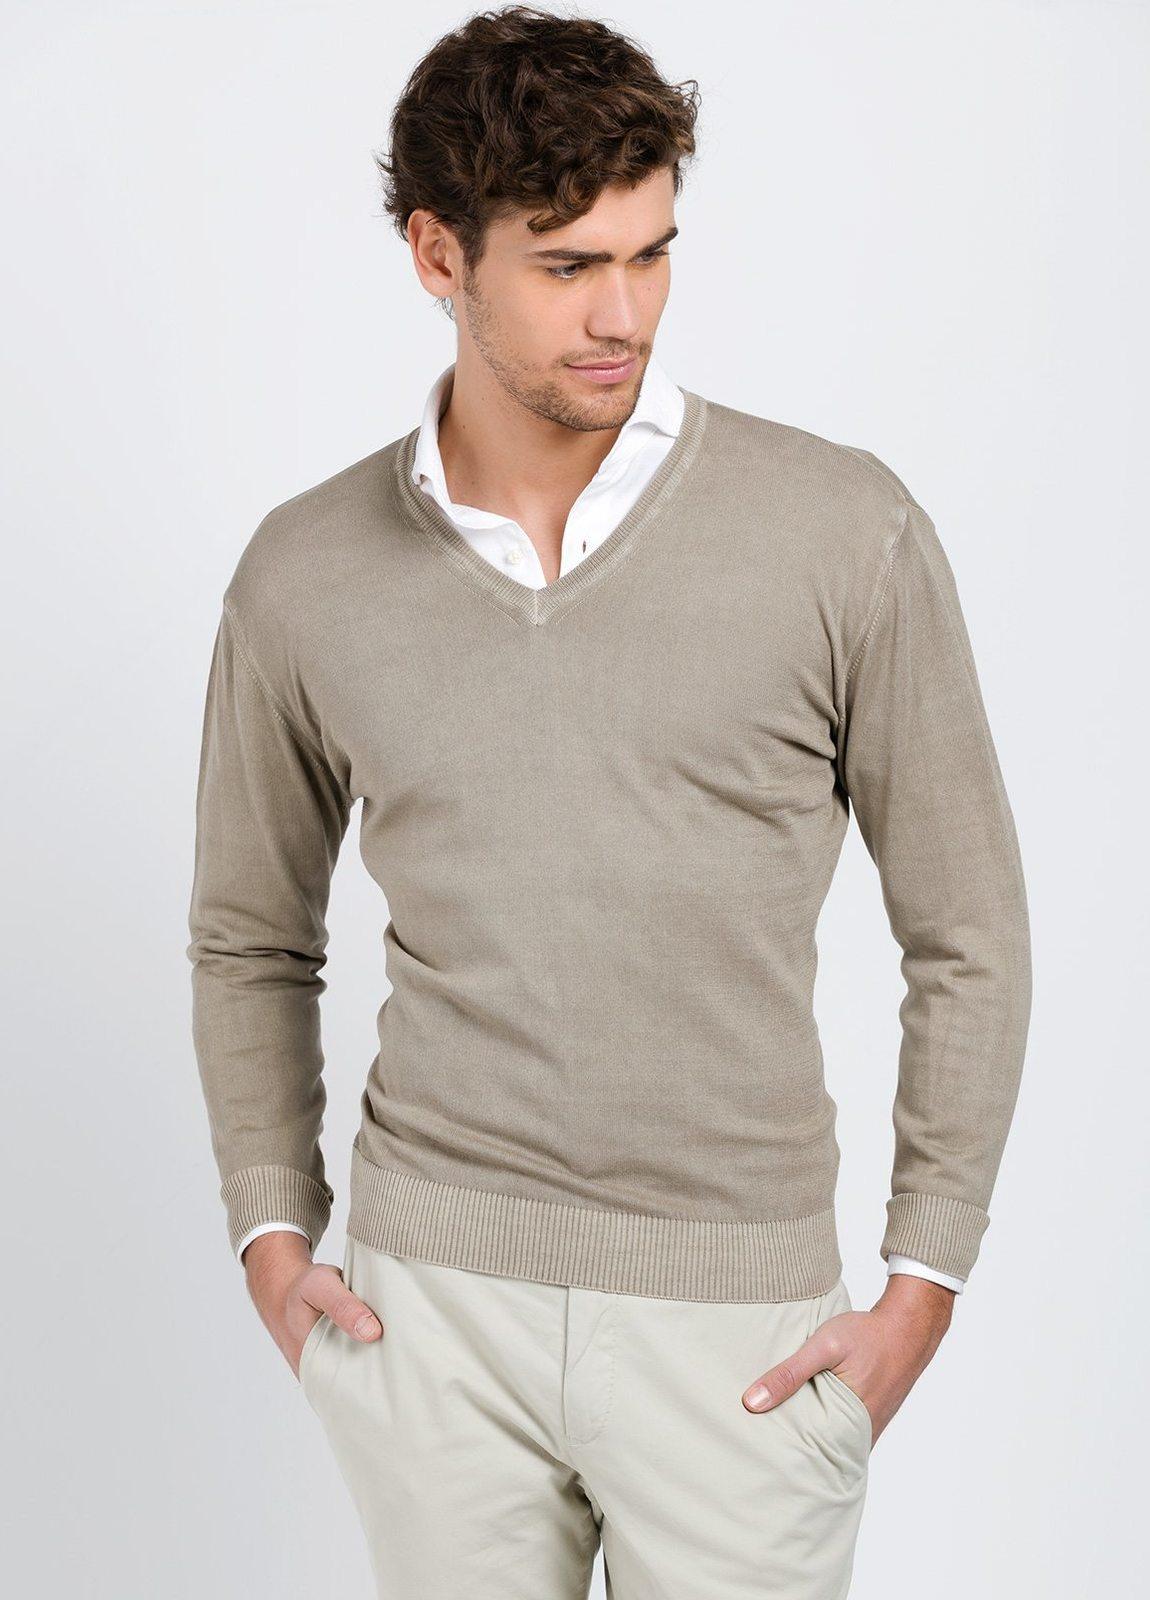 Jersey cuello pico color tostado, 100% Algodón.